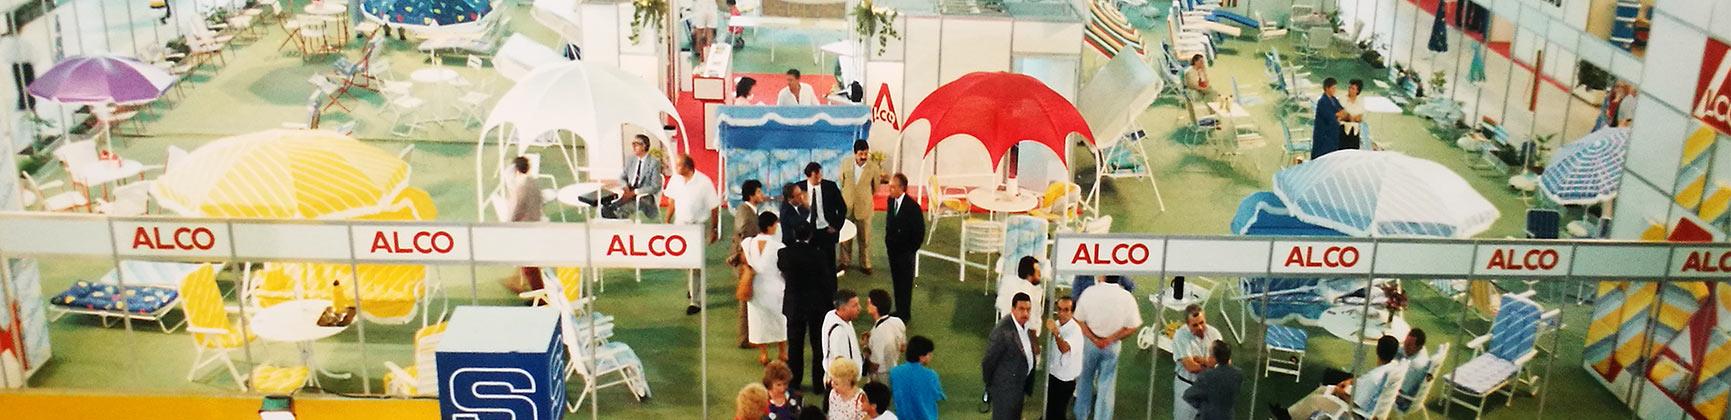 Alco - History - Trade fairs